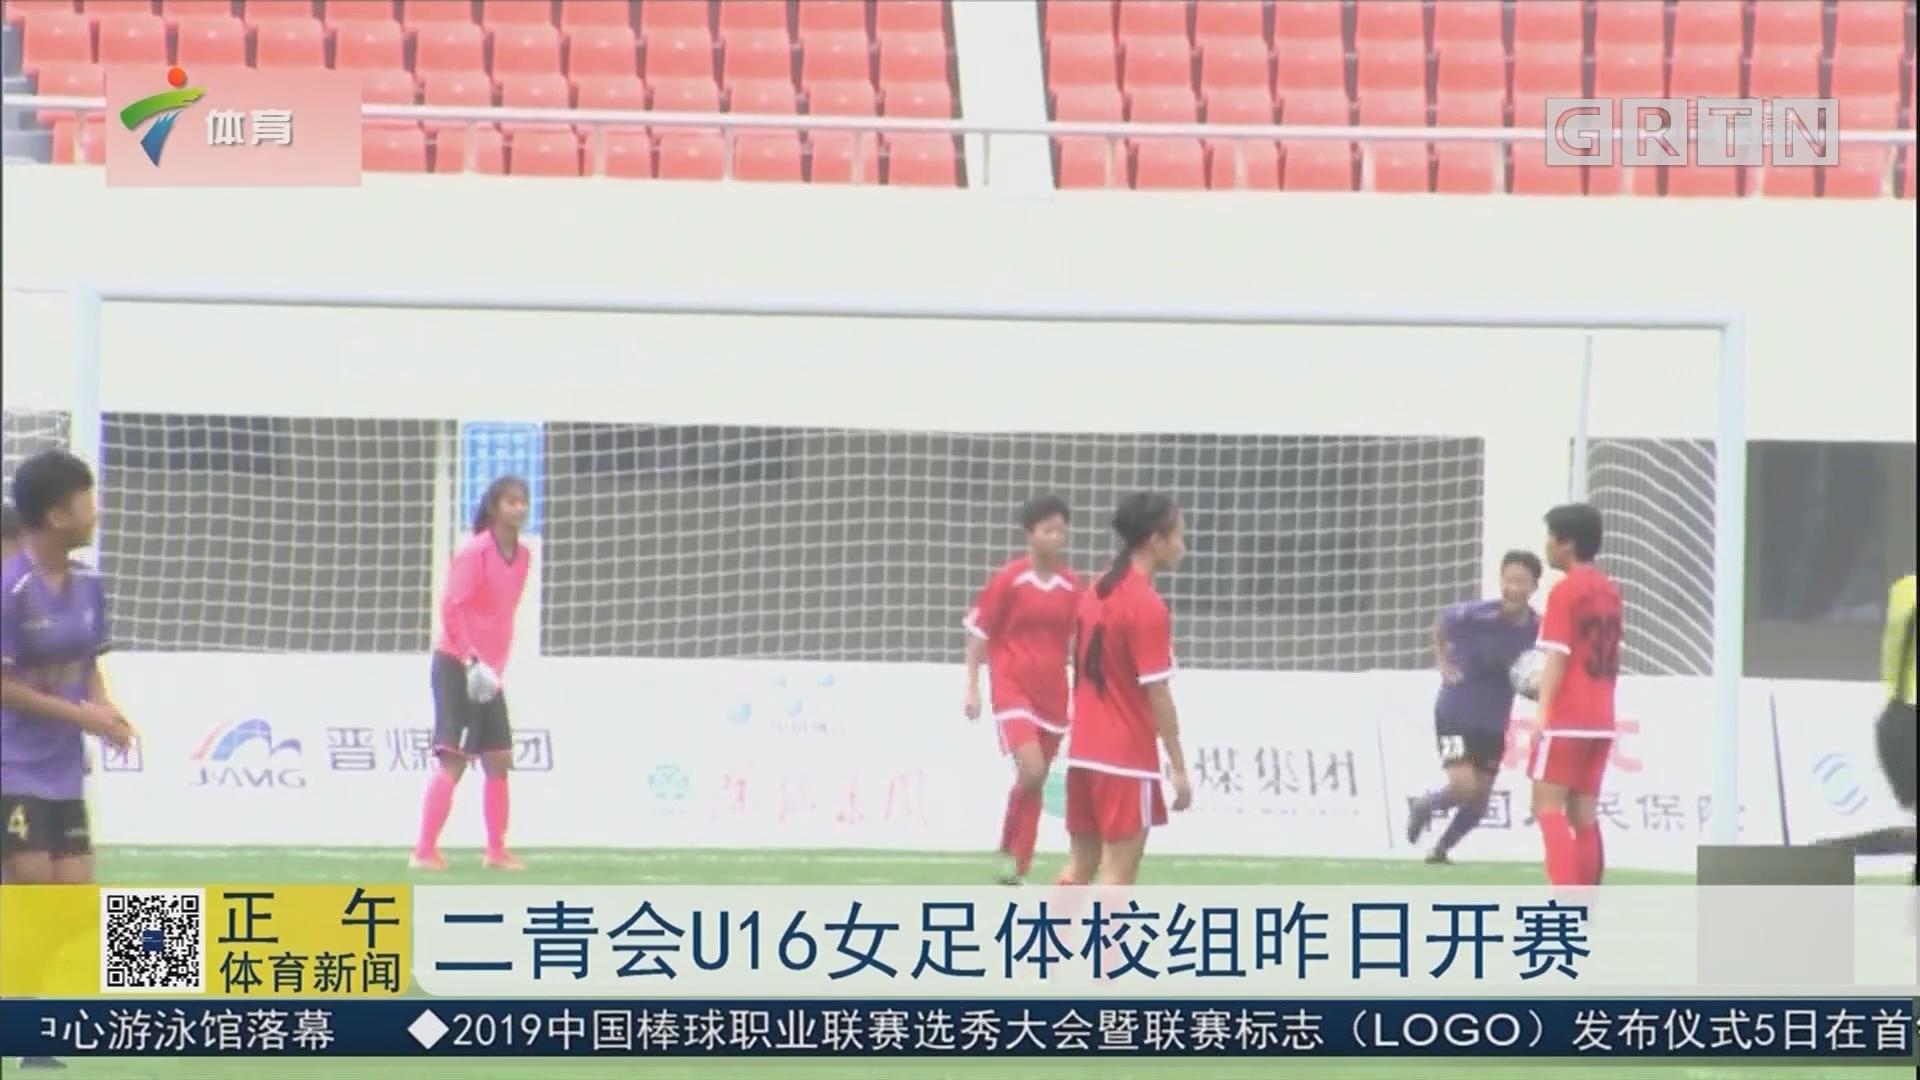 二青会U16女足体校组昨日开赛